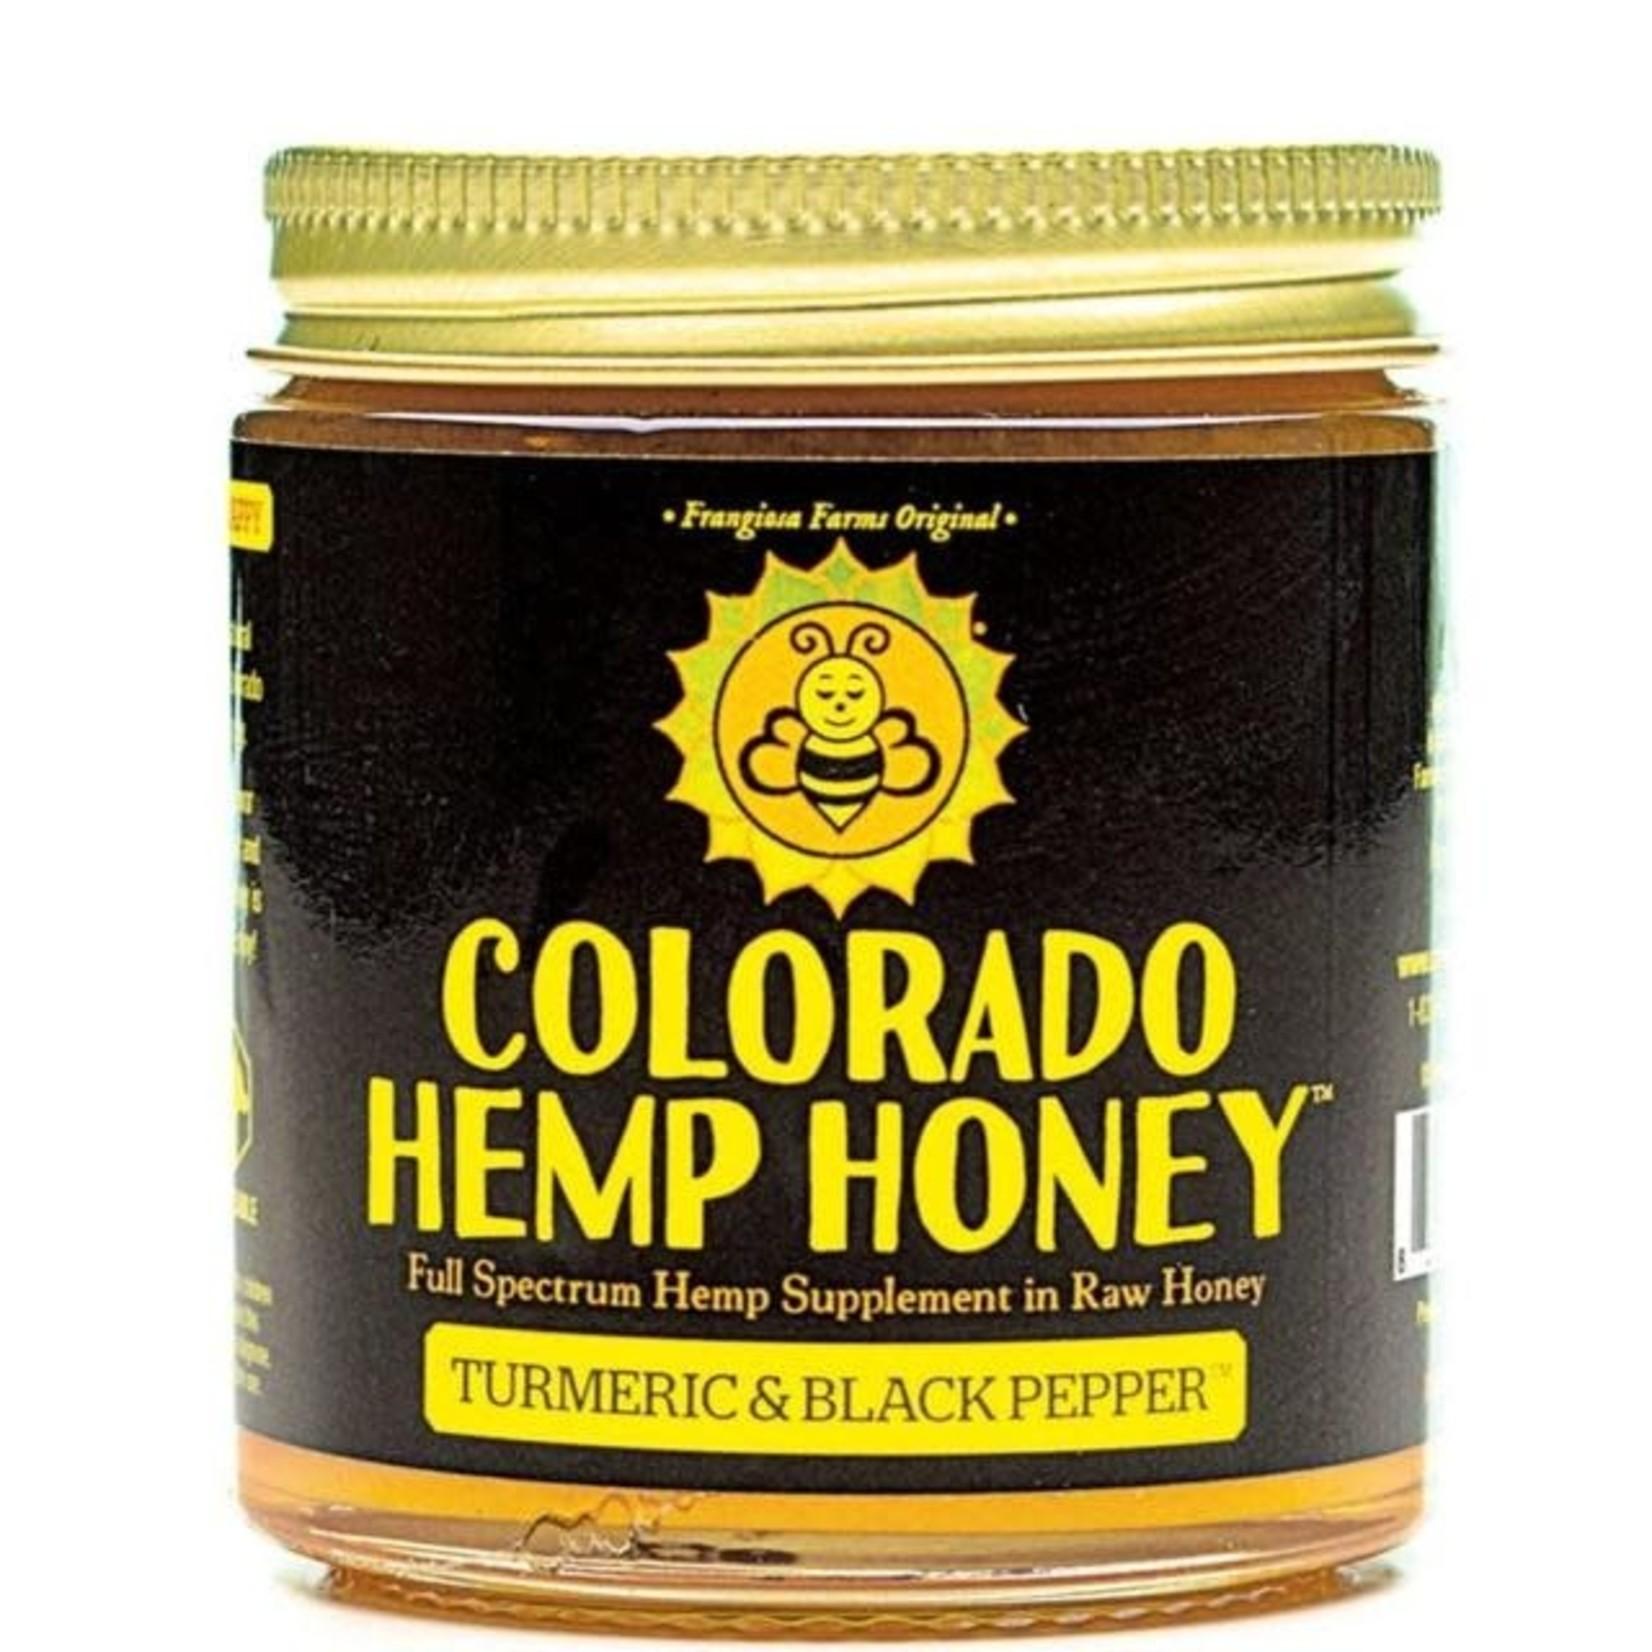 Colorado Hemp Honey Colorado Hemp Honey Turmeric & Black Pepper 6 OZ